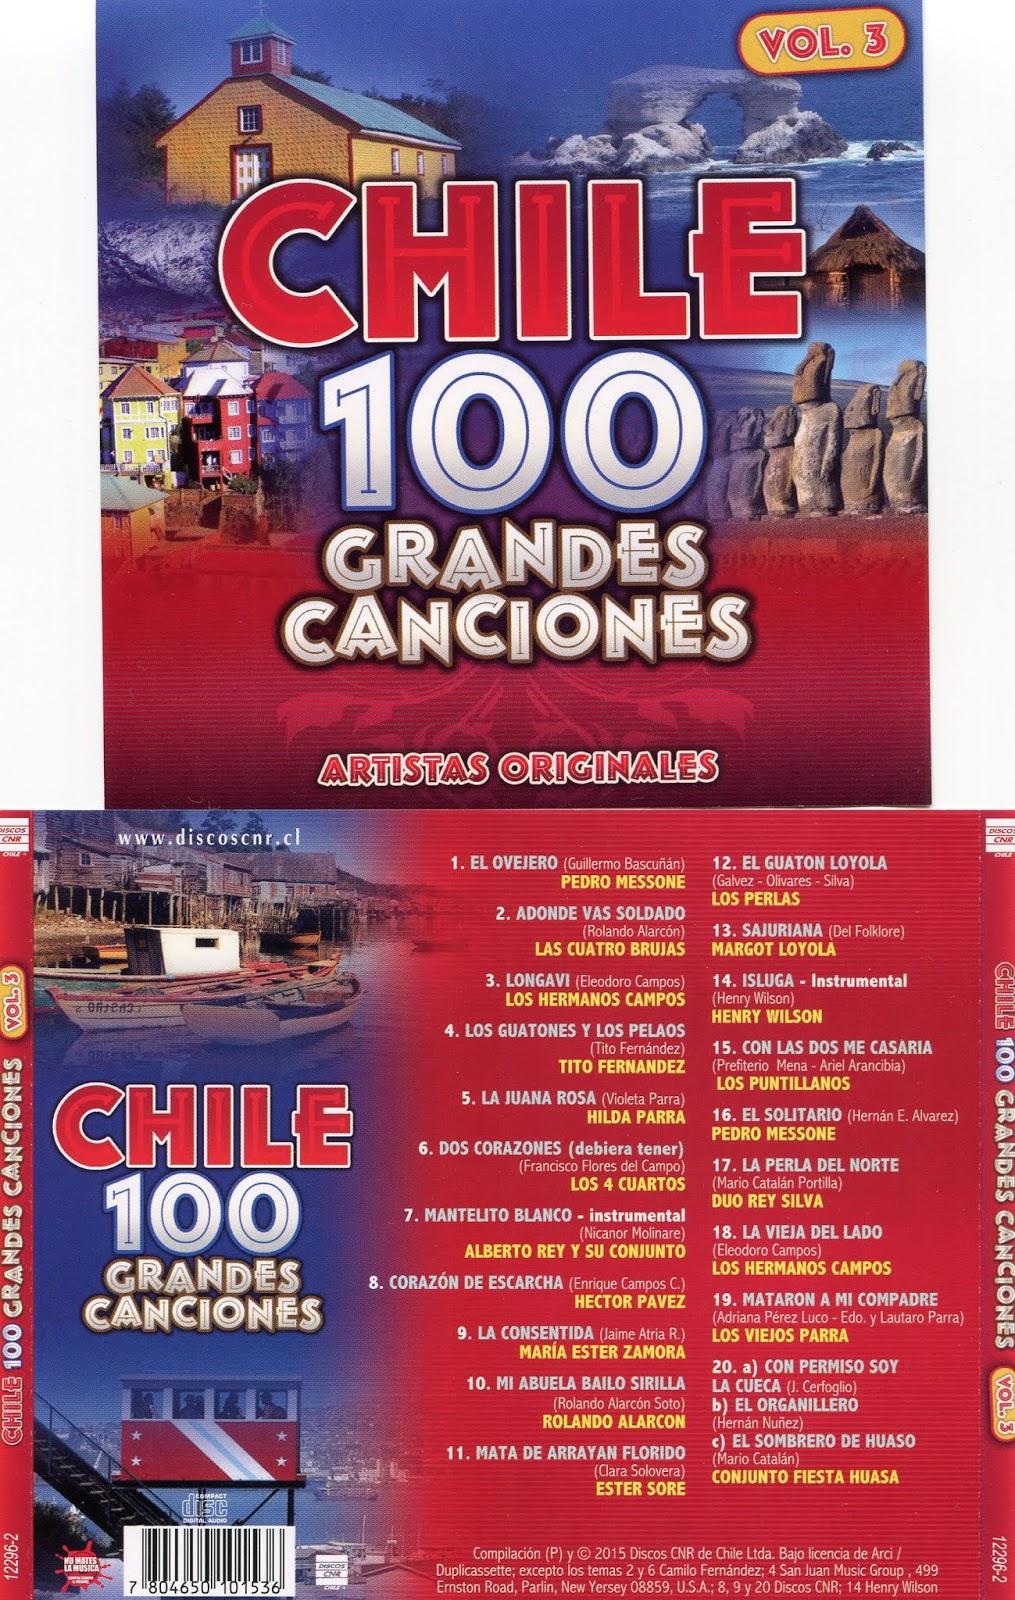 cd 100 grandes canciones de Chile Cd 3 Vol3